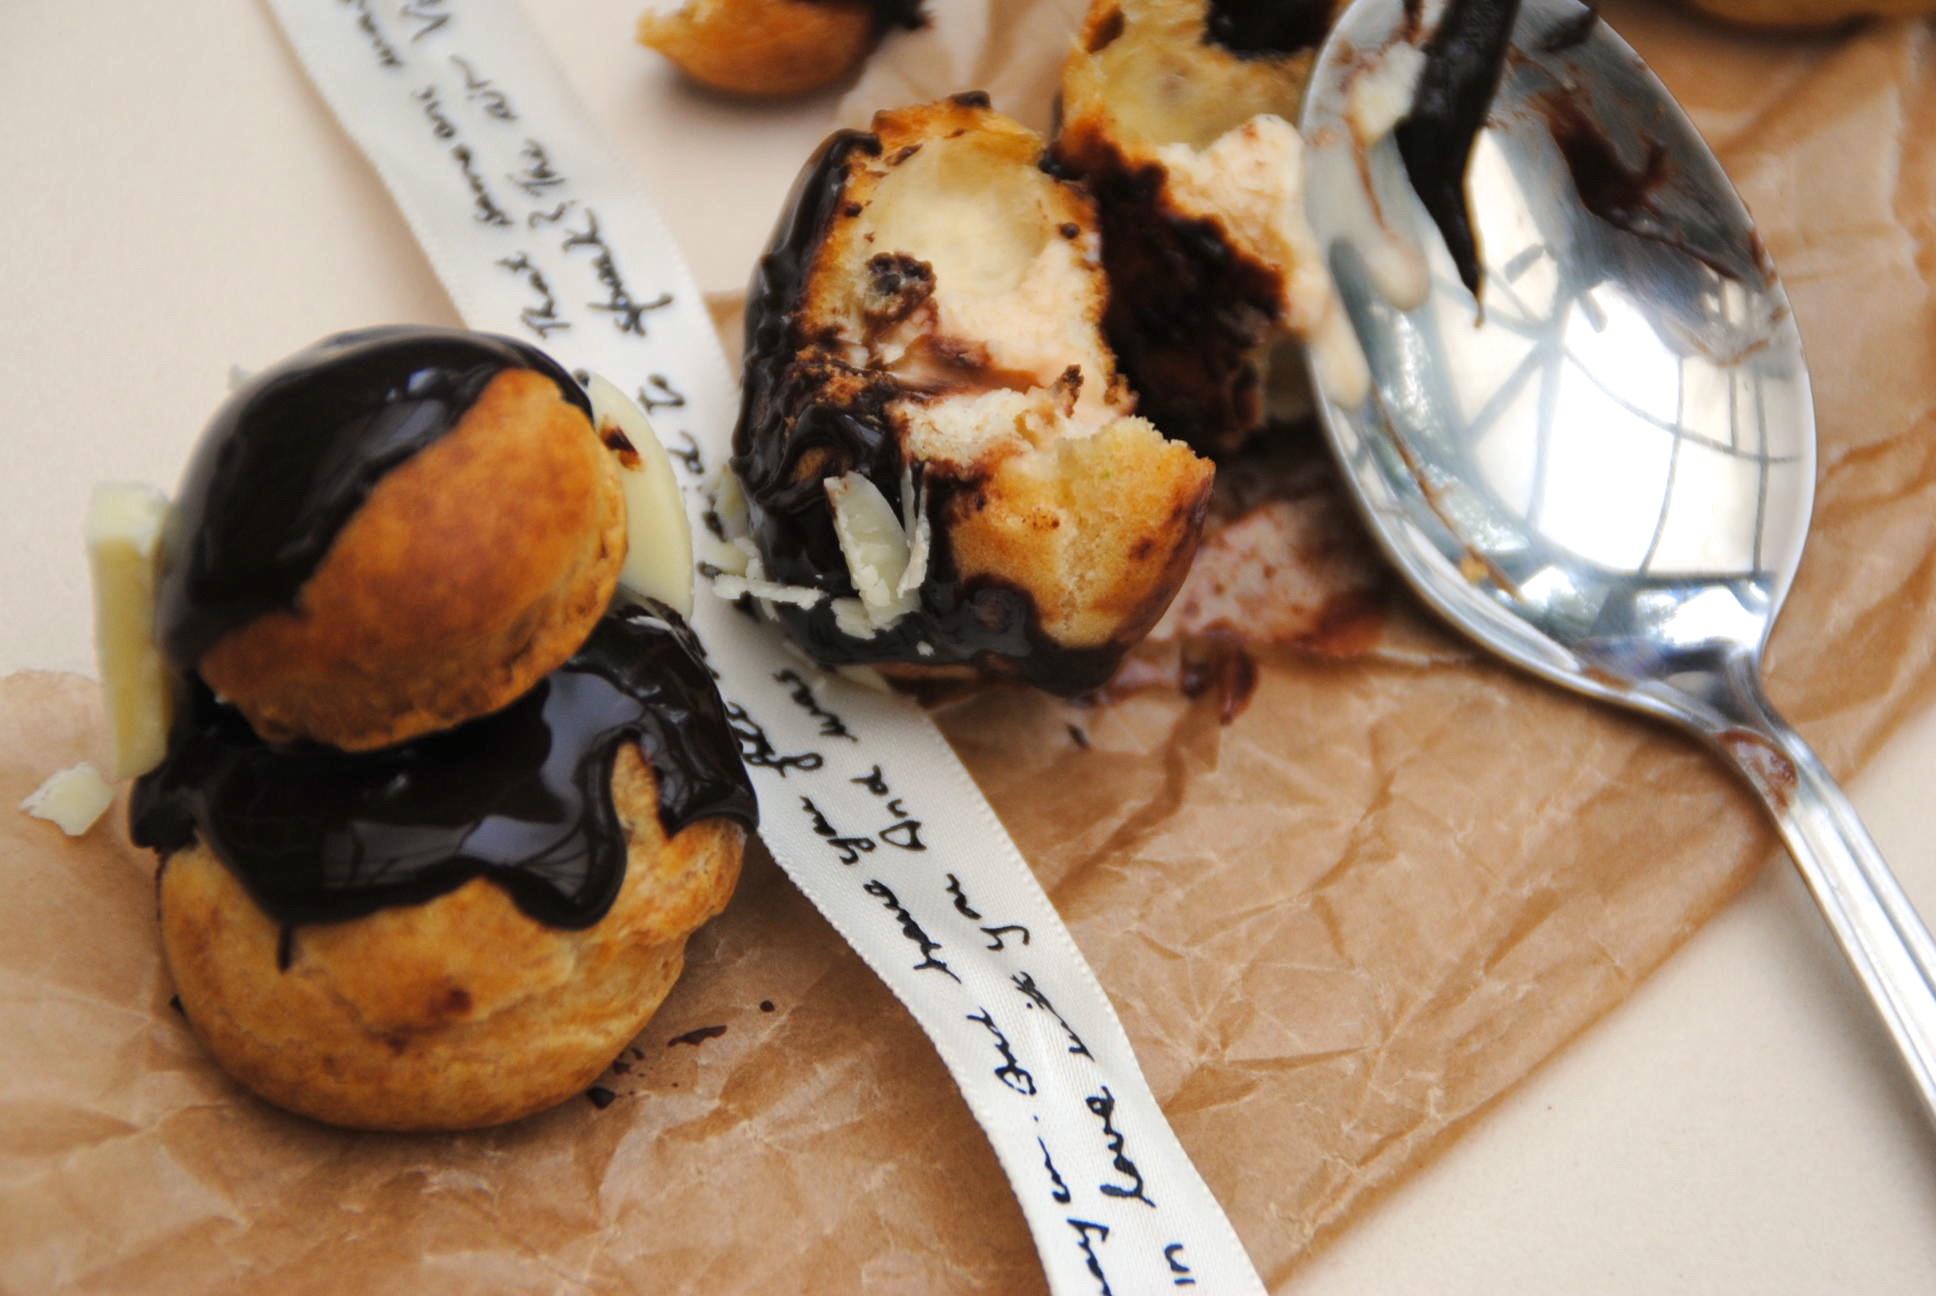 Chouxe bun religieuse chocolate bake off